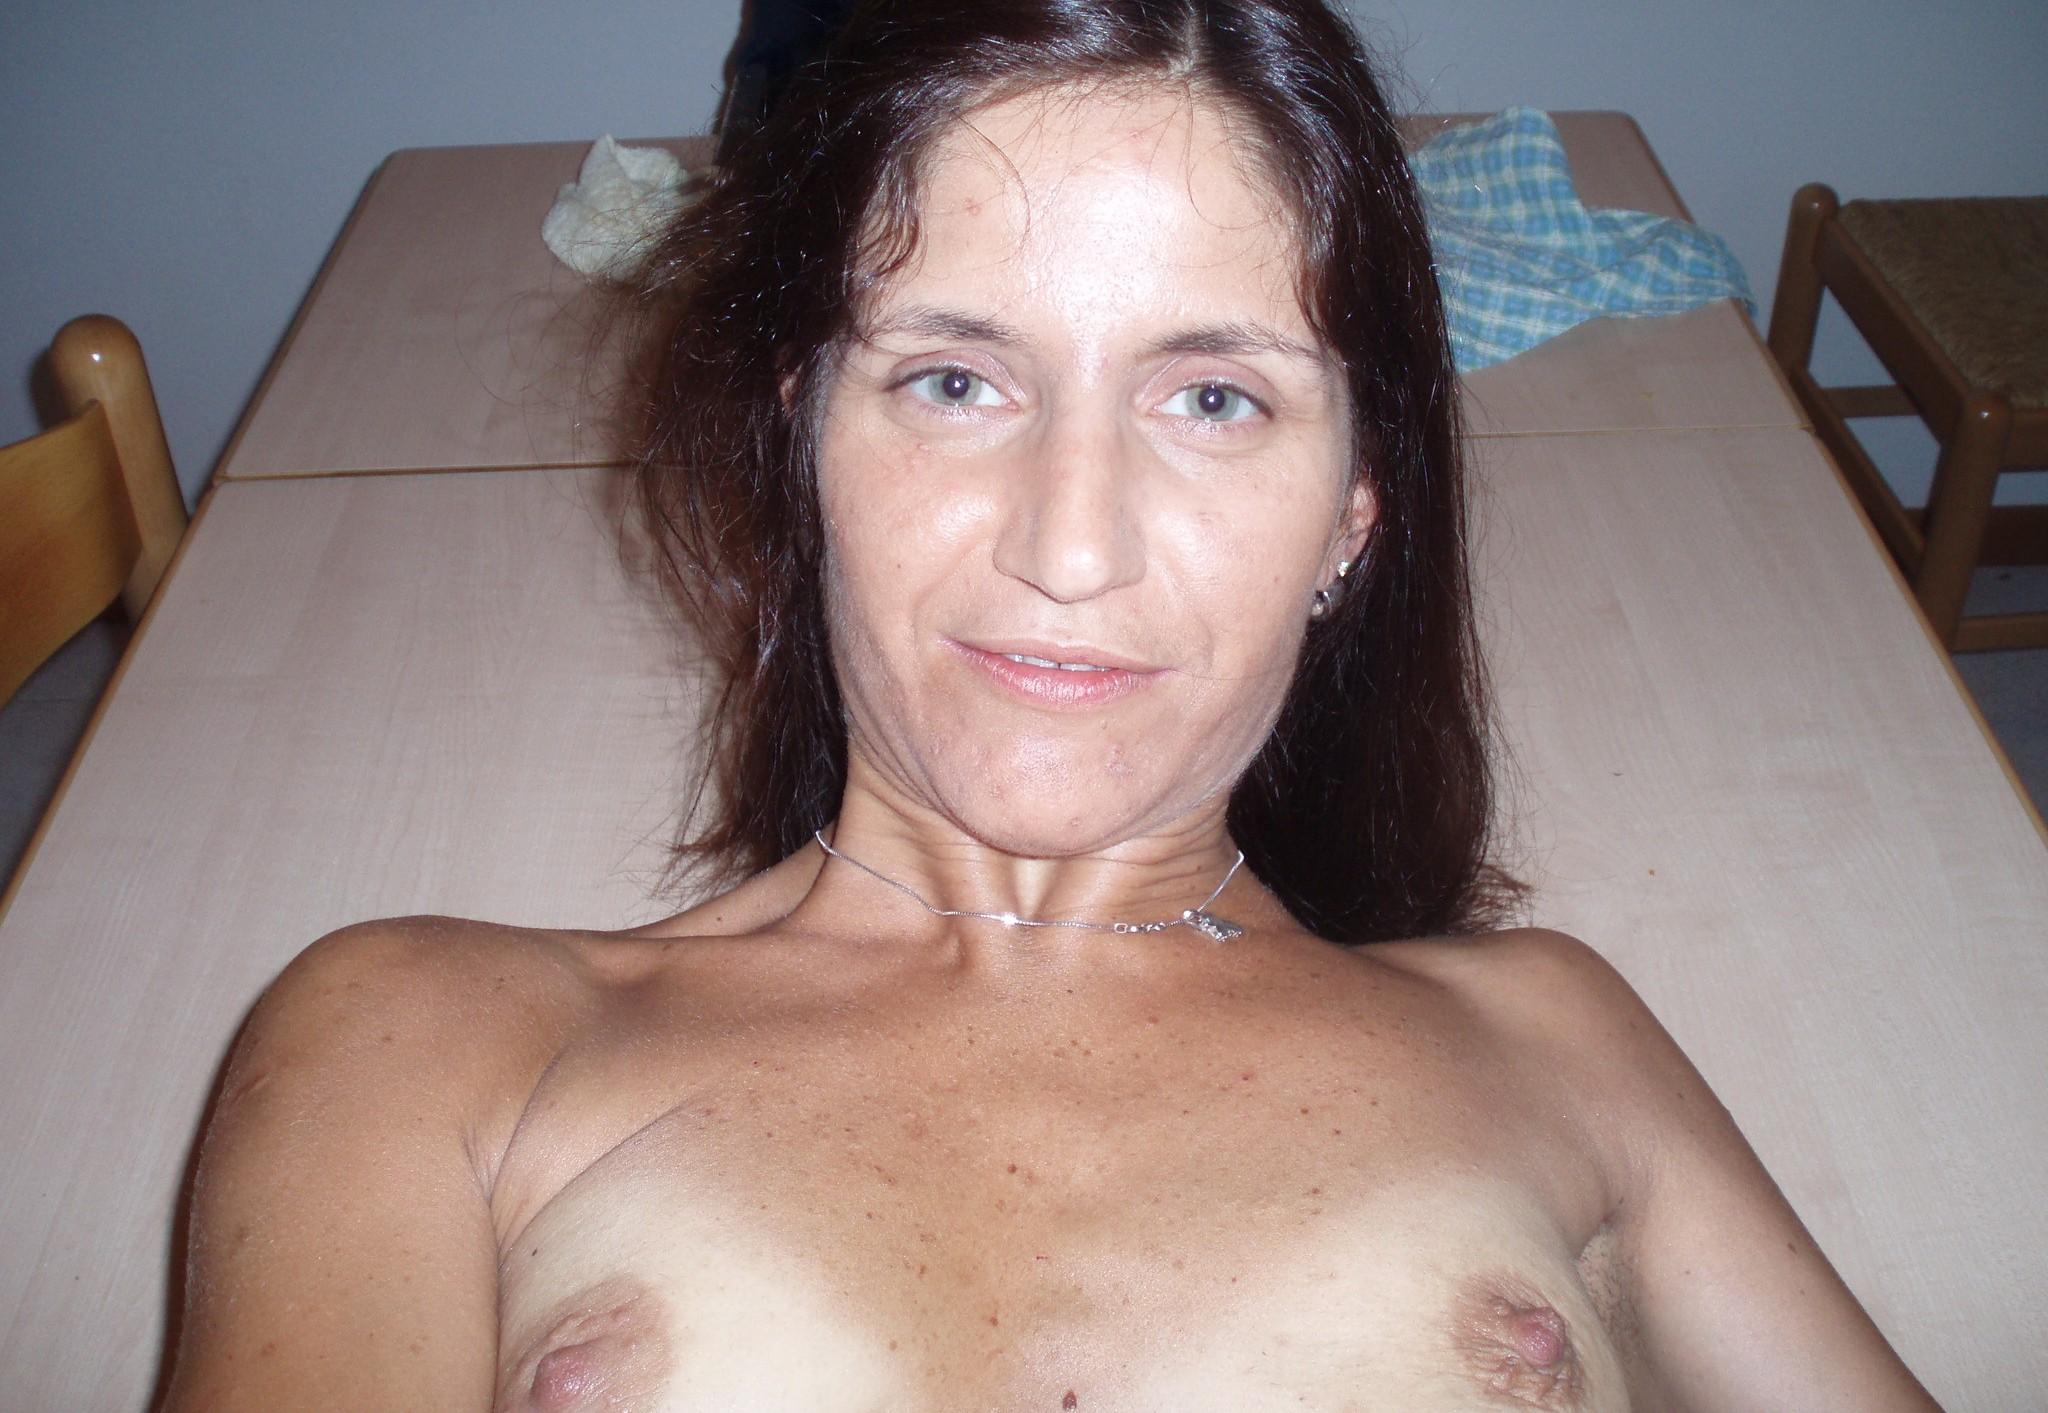 Фото зрелых с маленькими сисками, Зрелой женщина с маленькой грудью раздевается 3 фотография